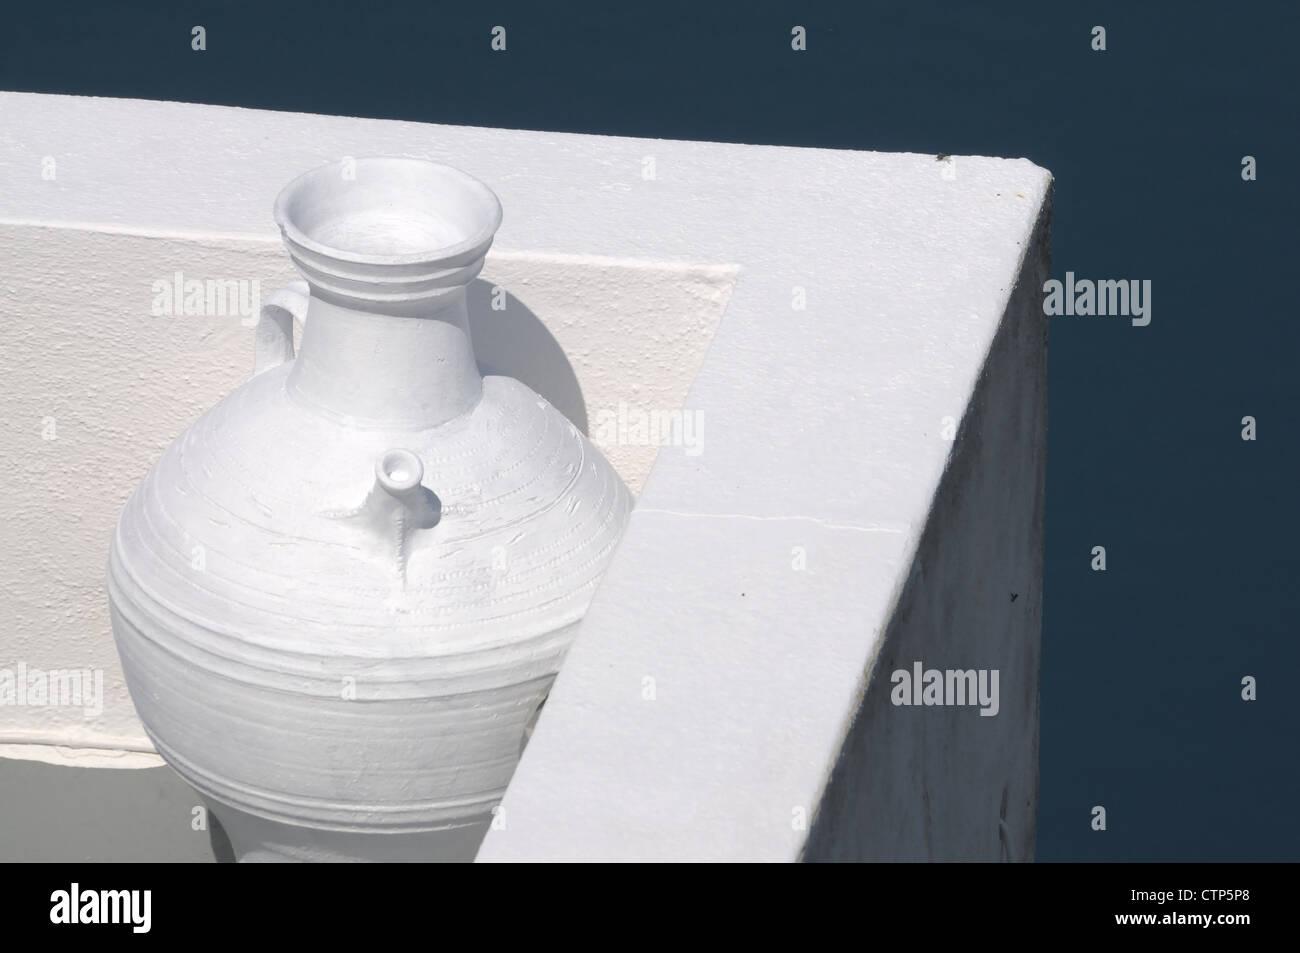 Darstellung einer Vase an einer Mauer auf einem Balkon eines Santoriner Hotels. - Stock Image